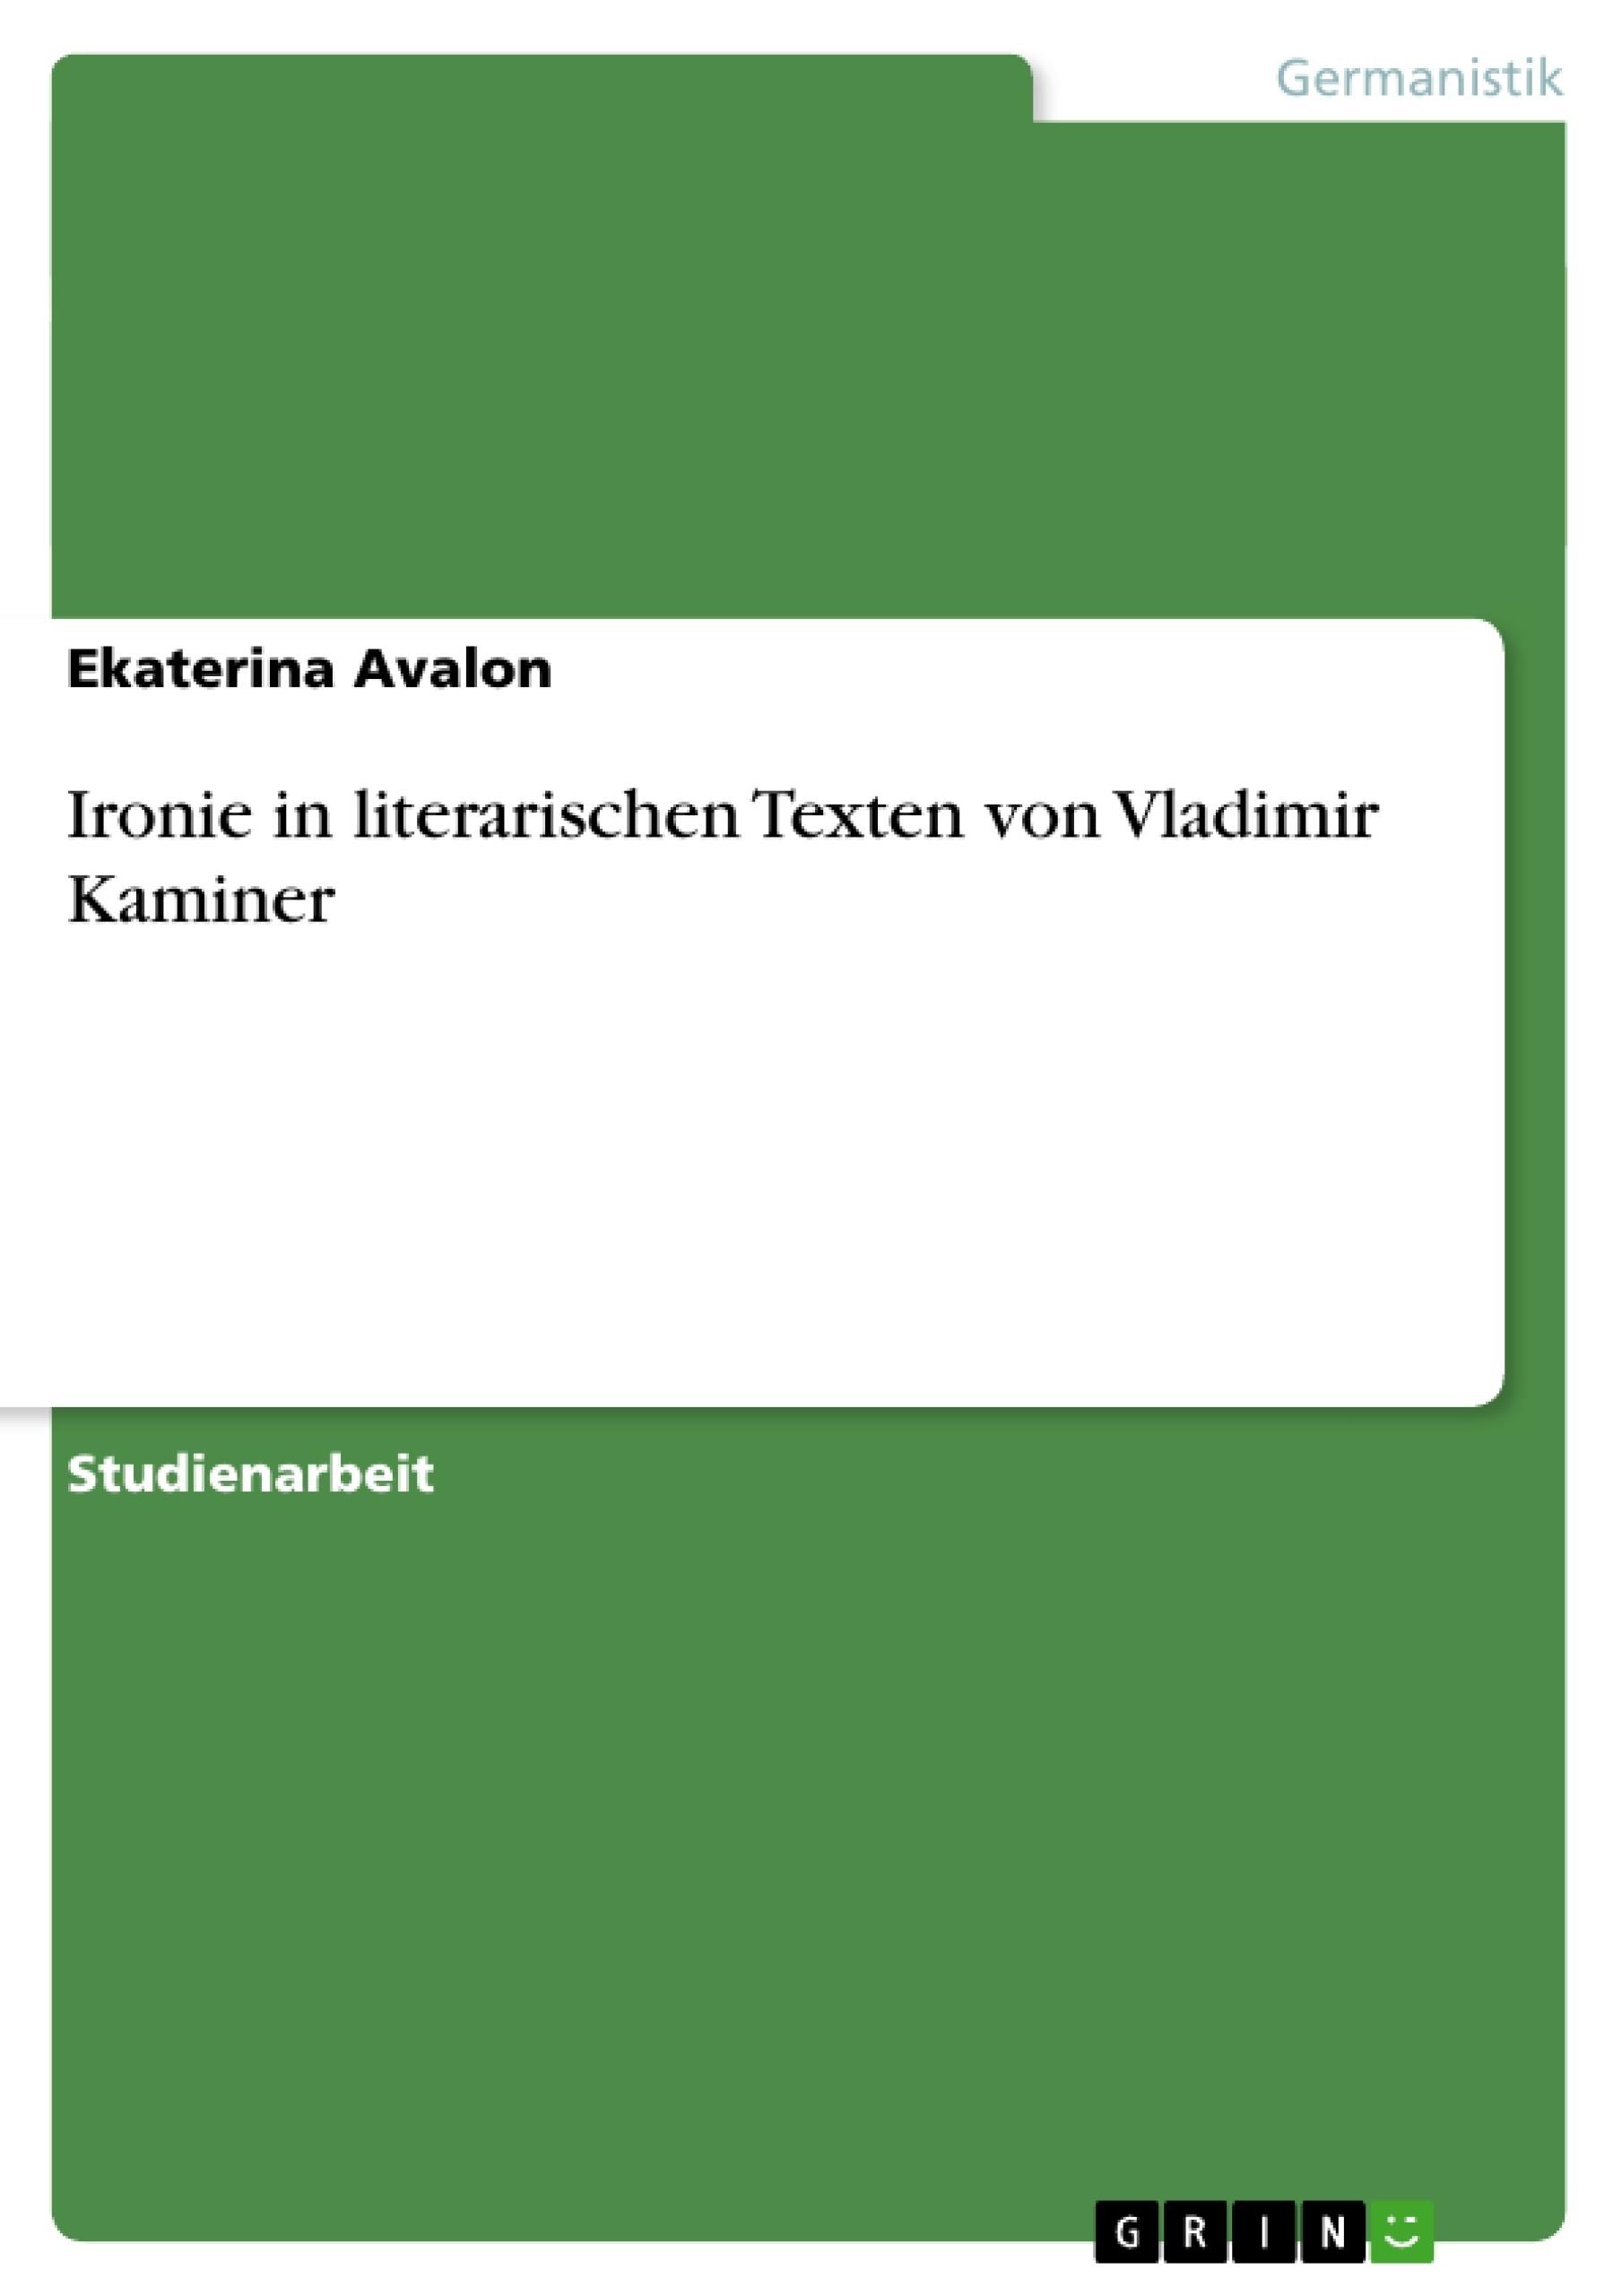 Titel: Ironie in literarischen Texten von Vladimir Kaminer